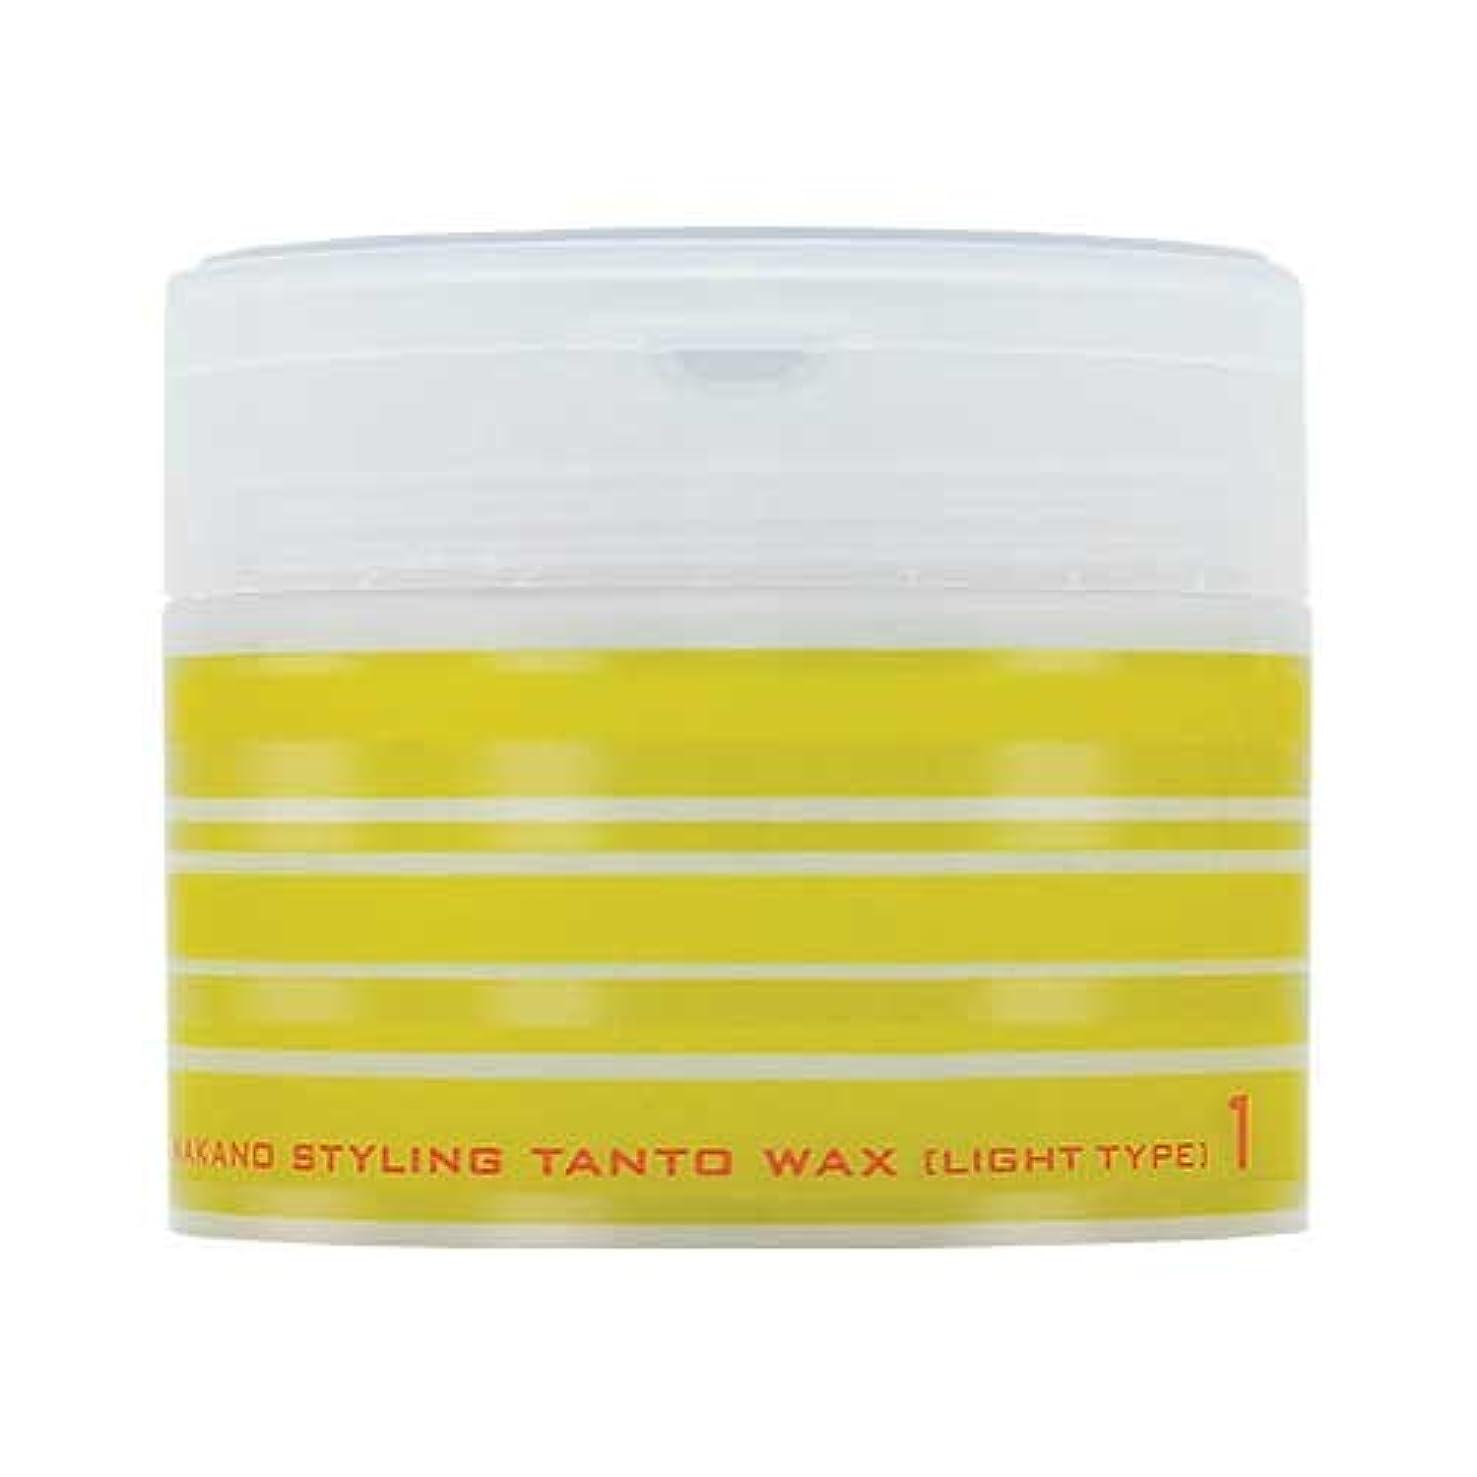 鼻カートリッジ水分ナカノ スタイリング タントN ワックス 1 ライトタイプ 90g 中野製薬 NAKANO